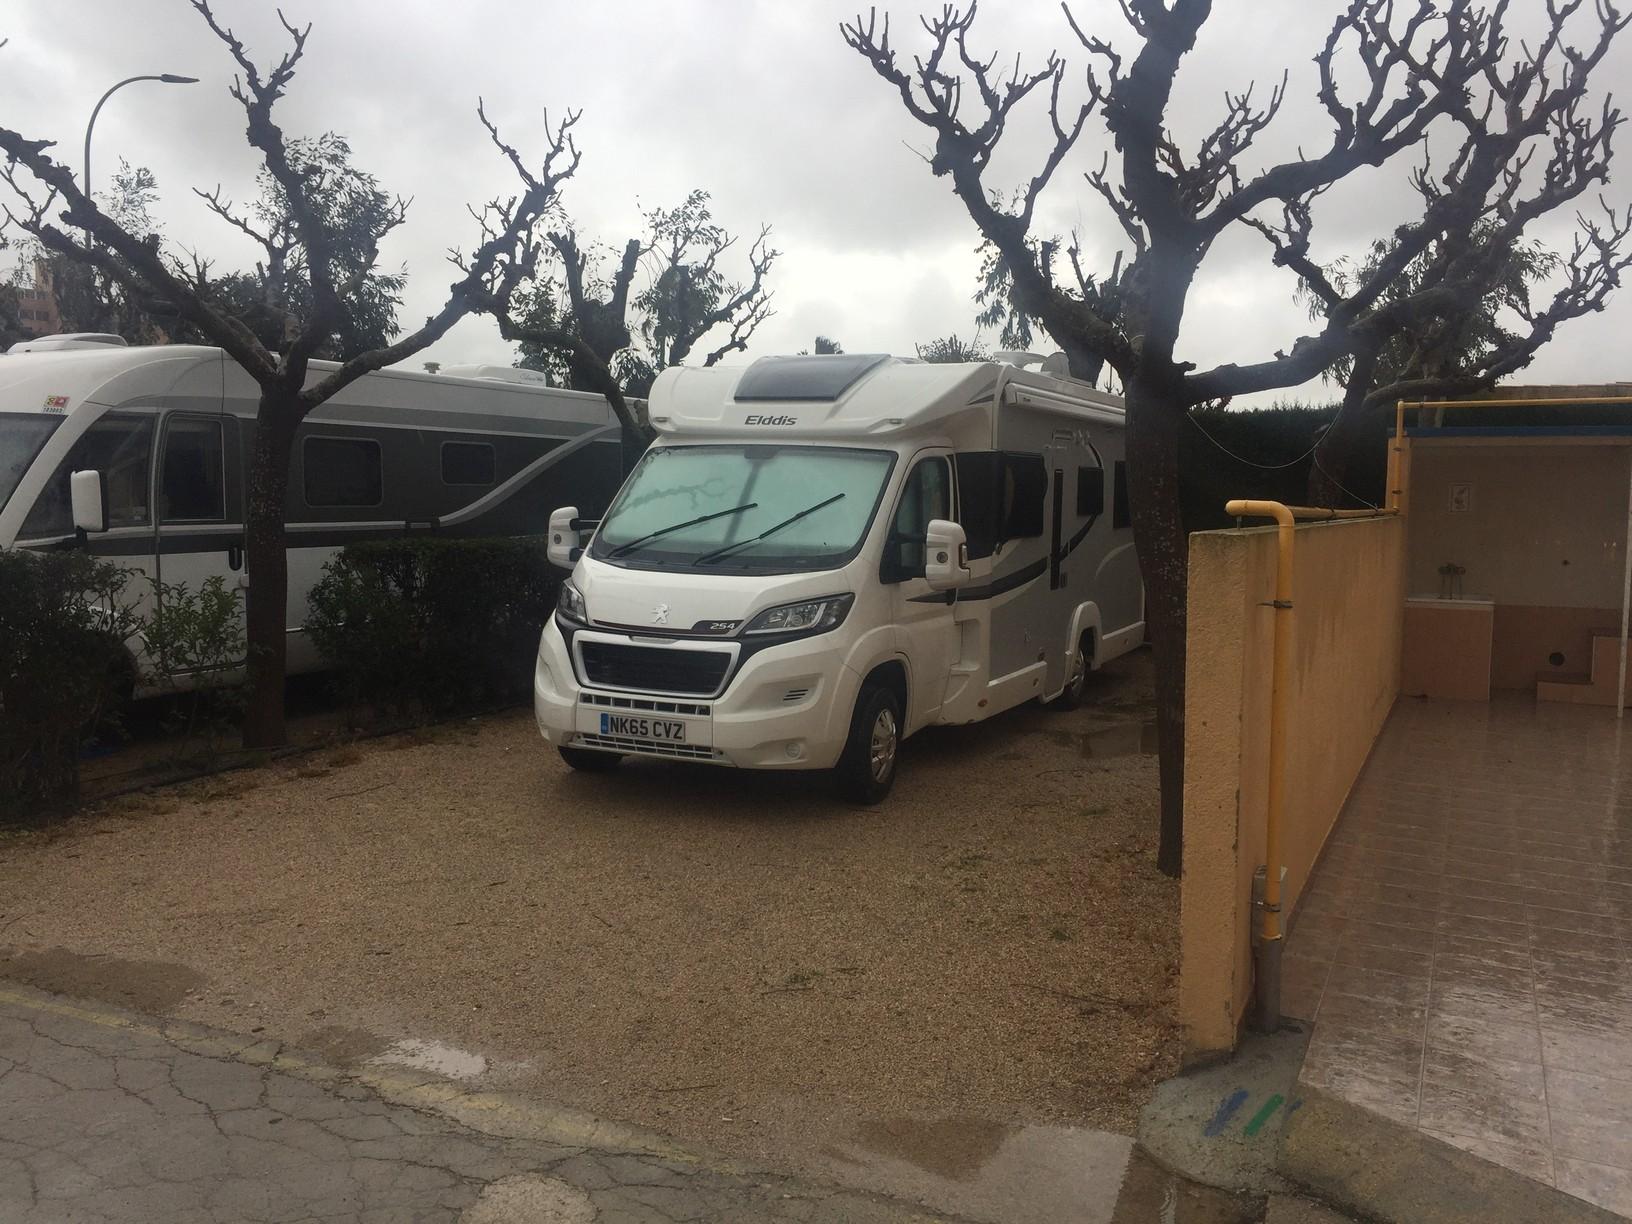 162 Camping Eden, Peniscola, Spain